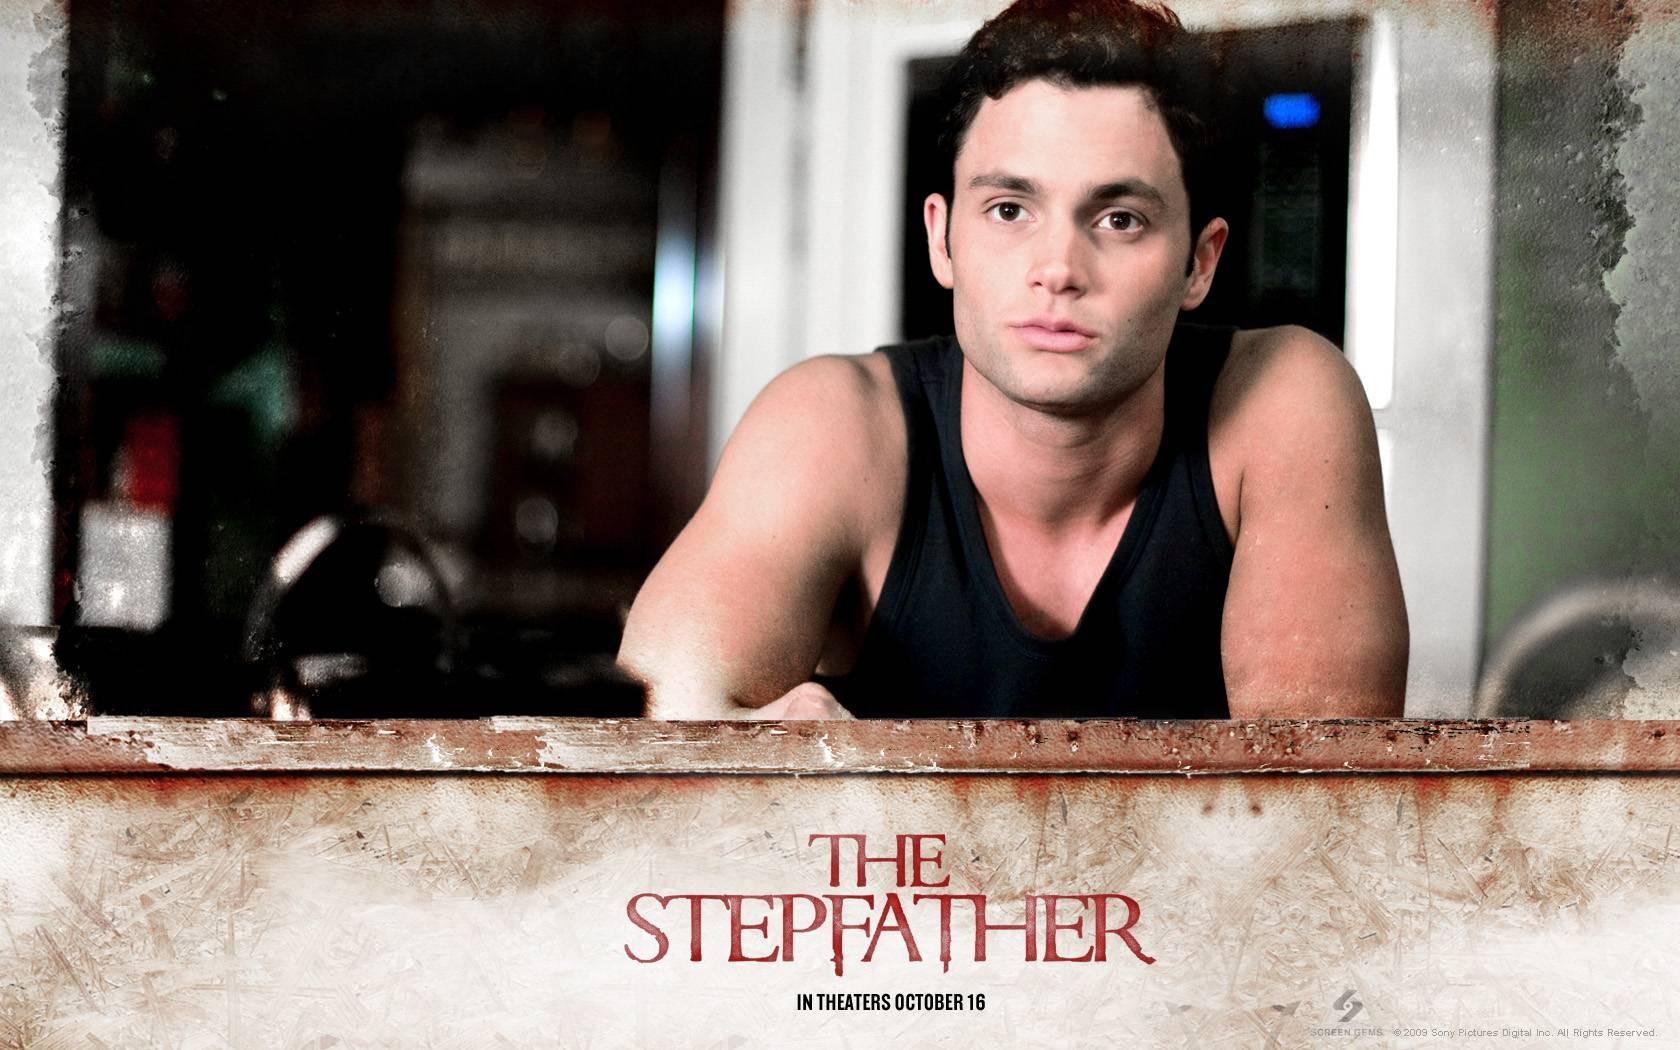 Un wallpaper del film The Stepfather con Penn Badgley